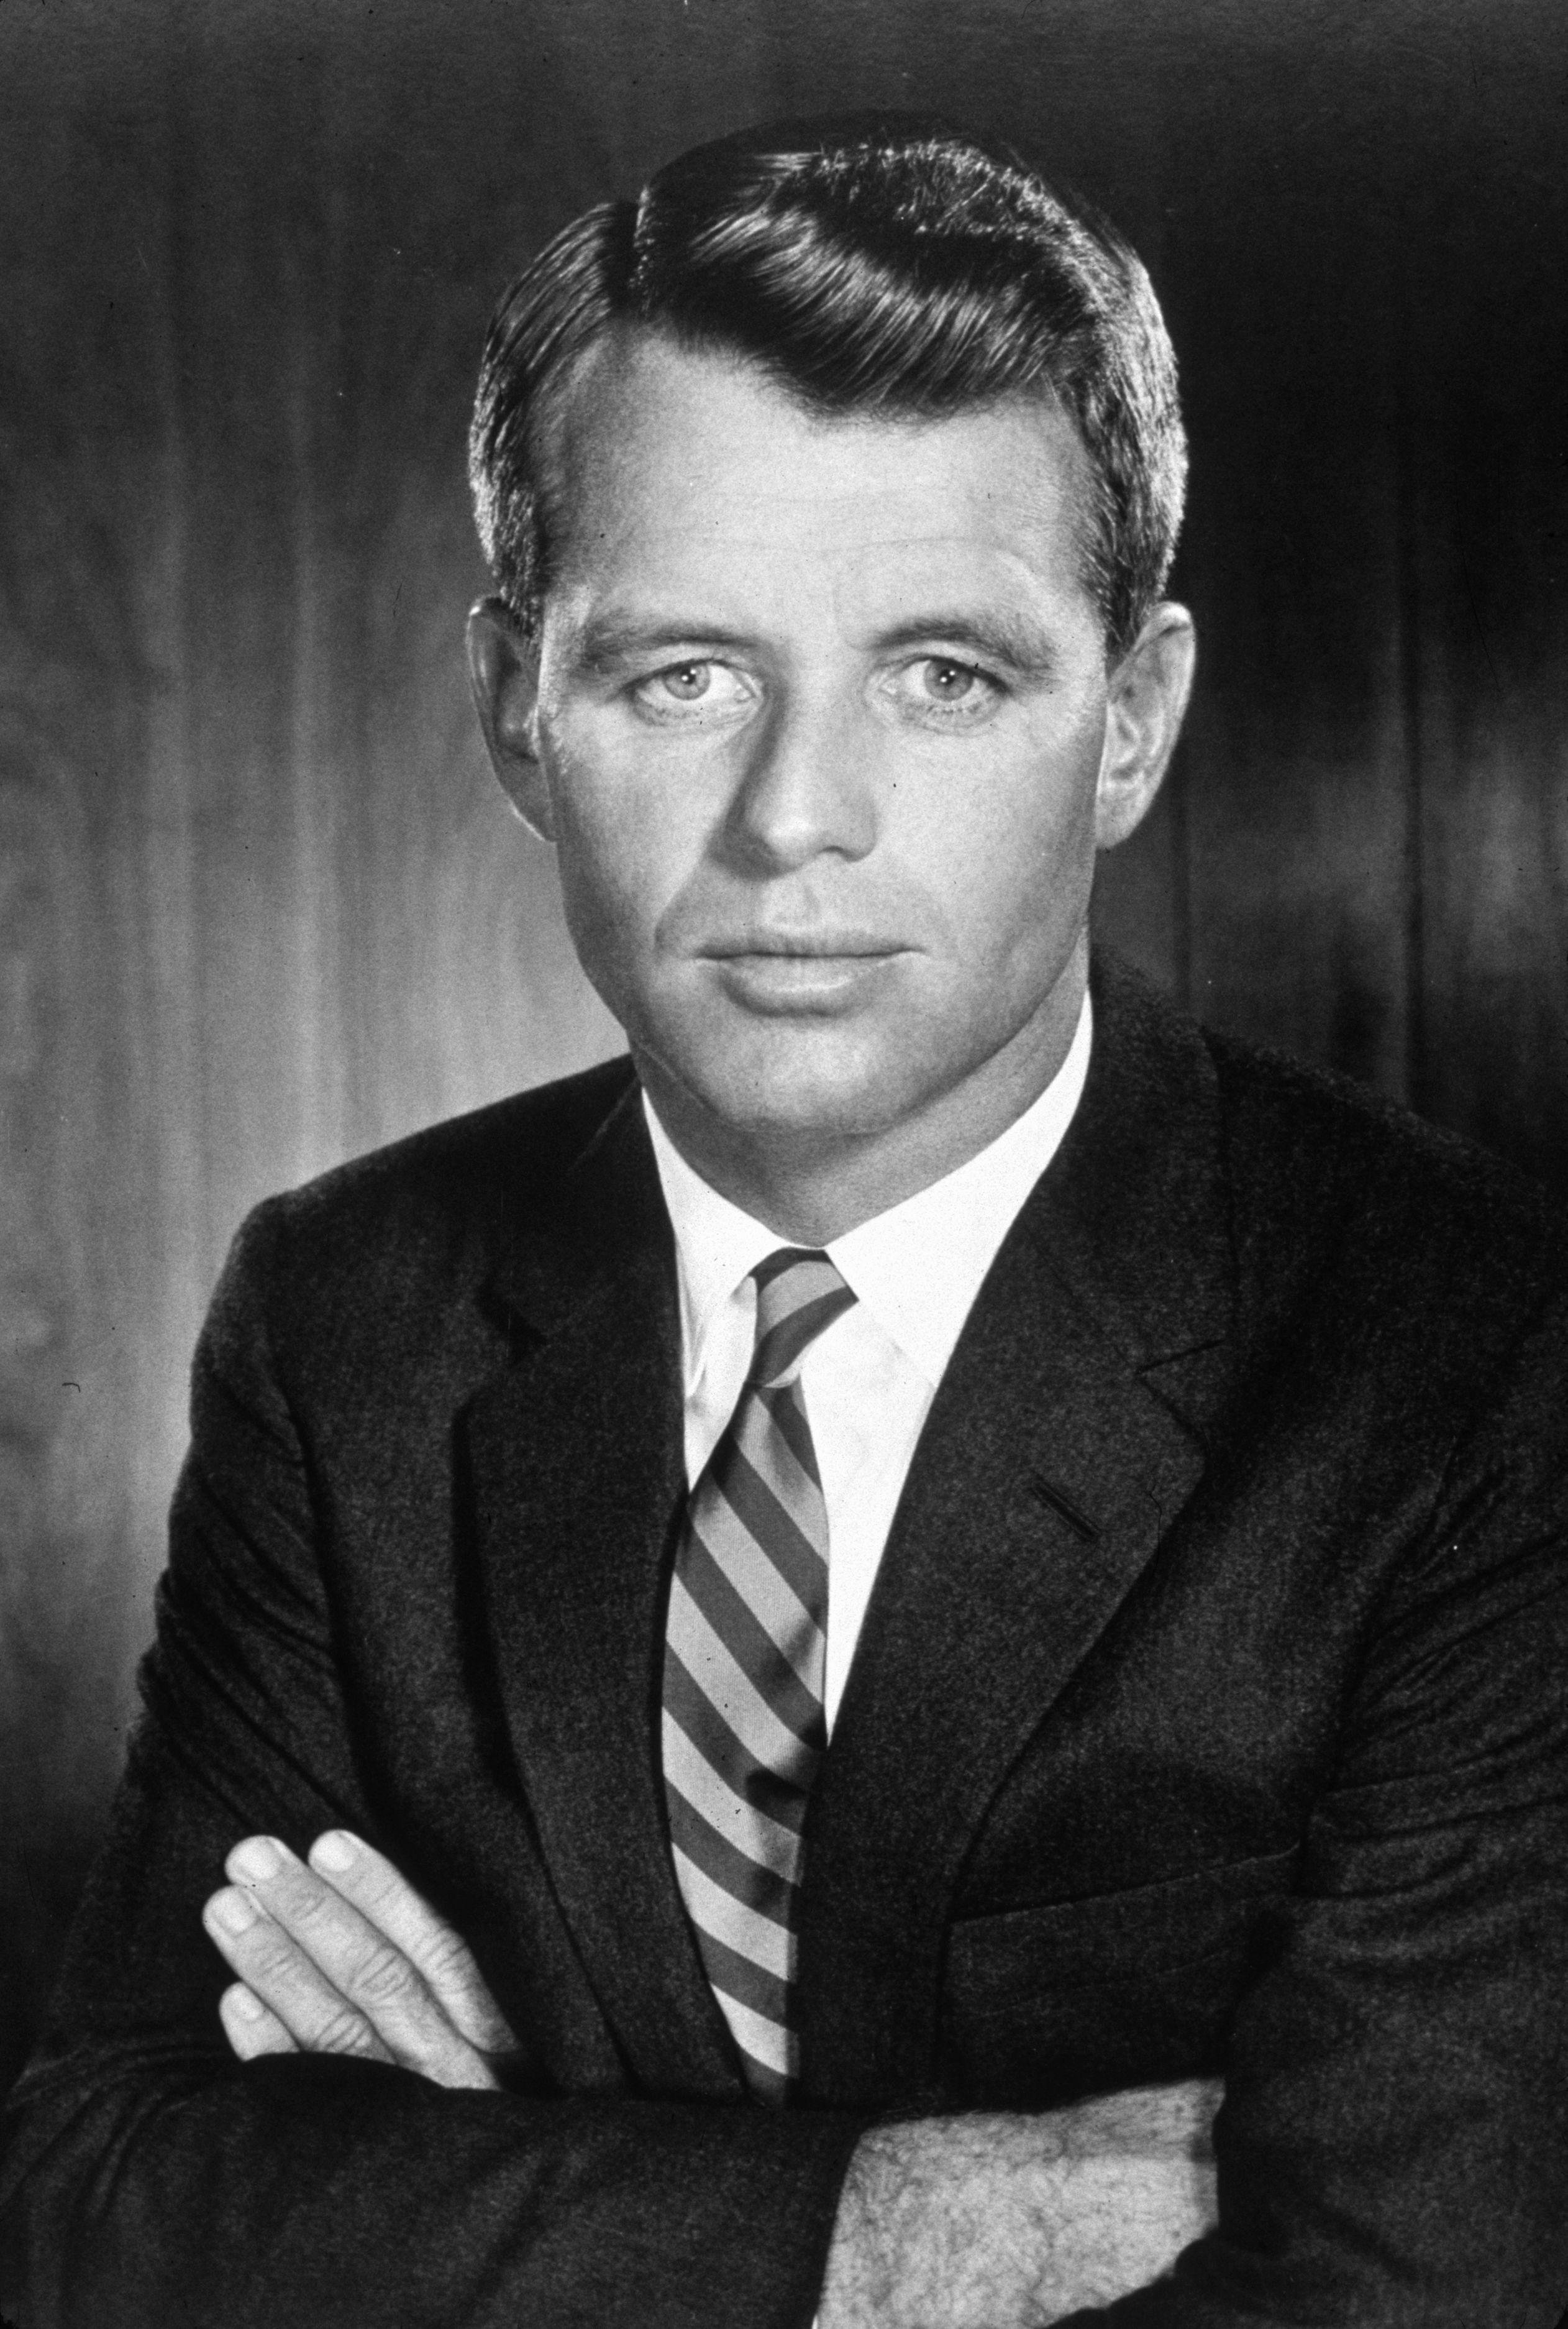 Assassination of Robert Kennedy